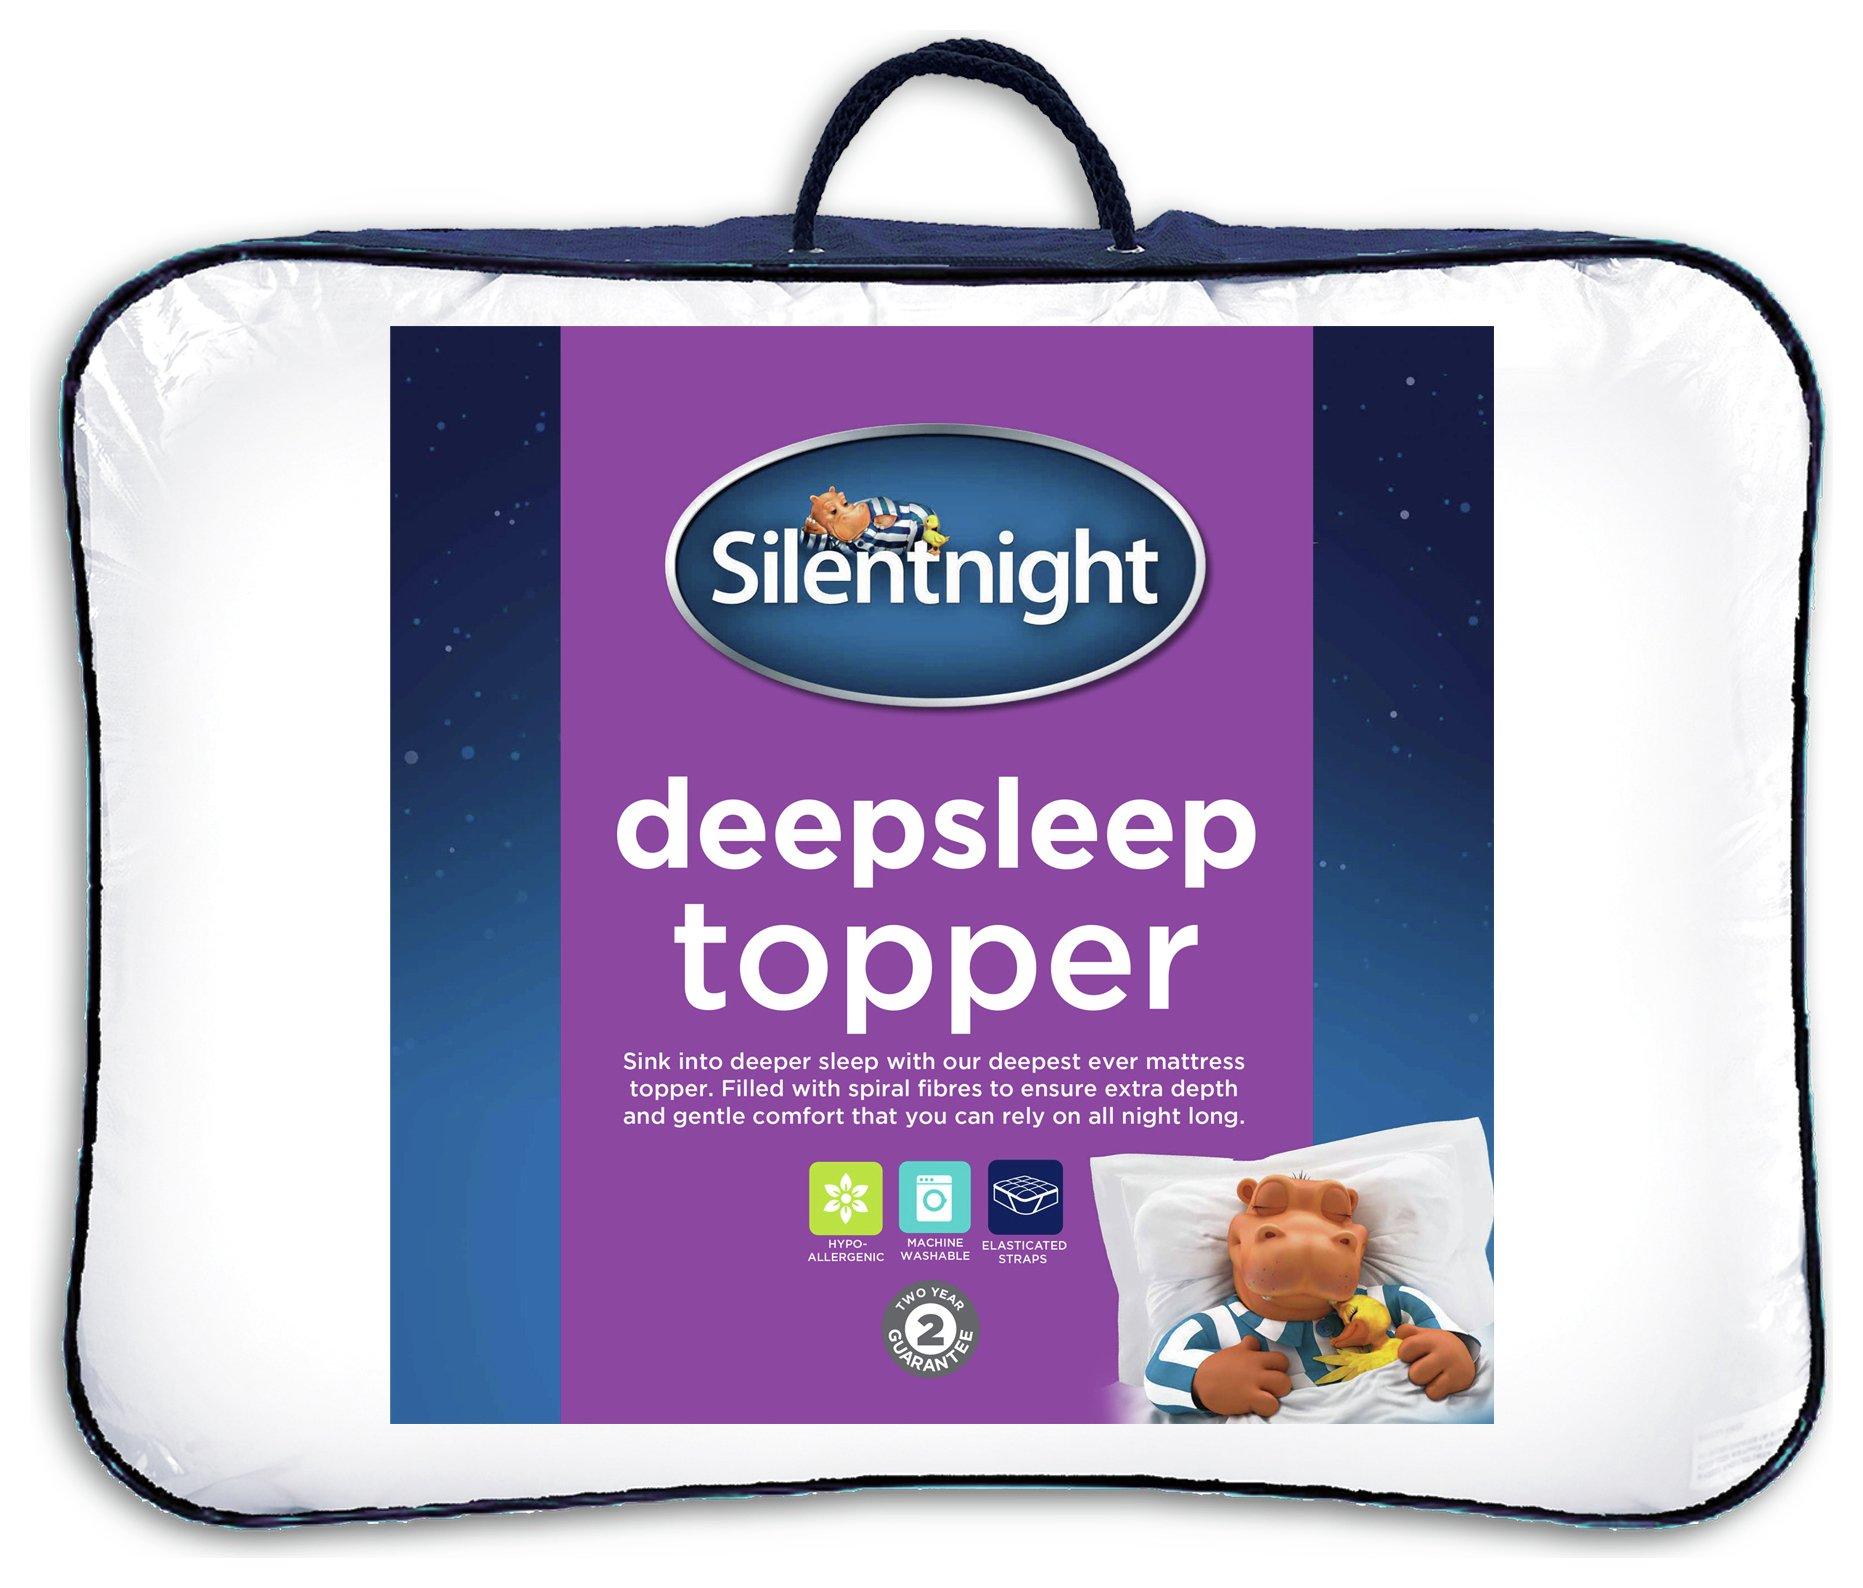 Silentnight Deep Sleep Mattress Topper Single Review